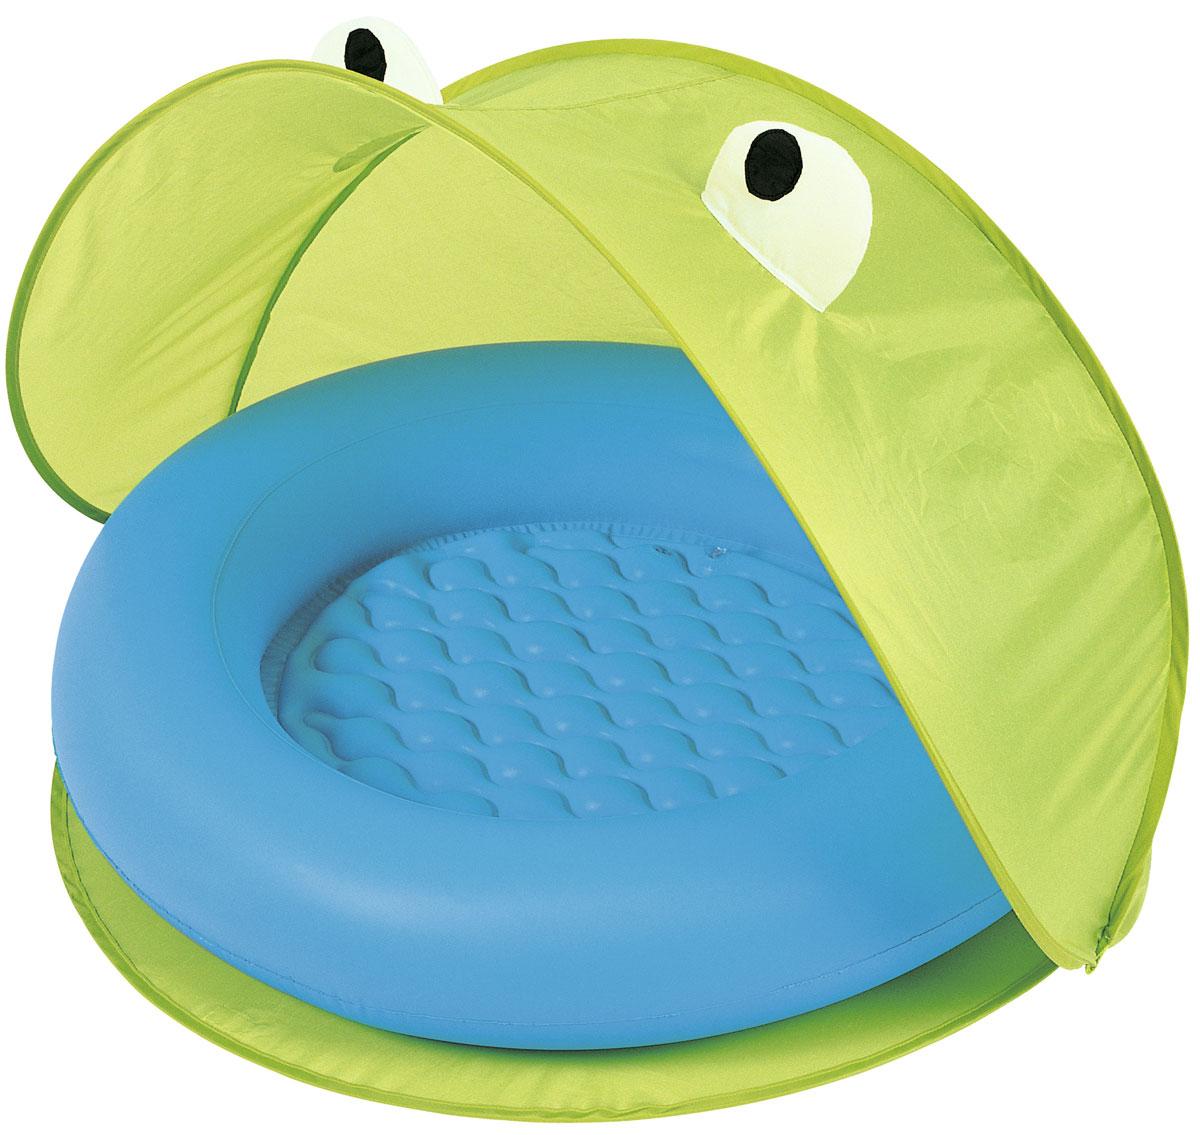 Bestway Надувной бассейн со складным тентом от солнца. 51110_G51110_GБассейн надувной для детей от 2-х лет. Размер 97*97*74 см. Мягкое надувное дно. В комплекте тент от солнца (изготовлен из полиэстера), сумка для хранения. Объем 23 л. Изготовлено из полимерных материалов (винил).